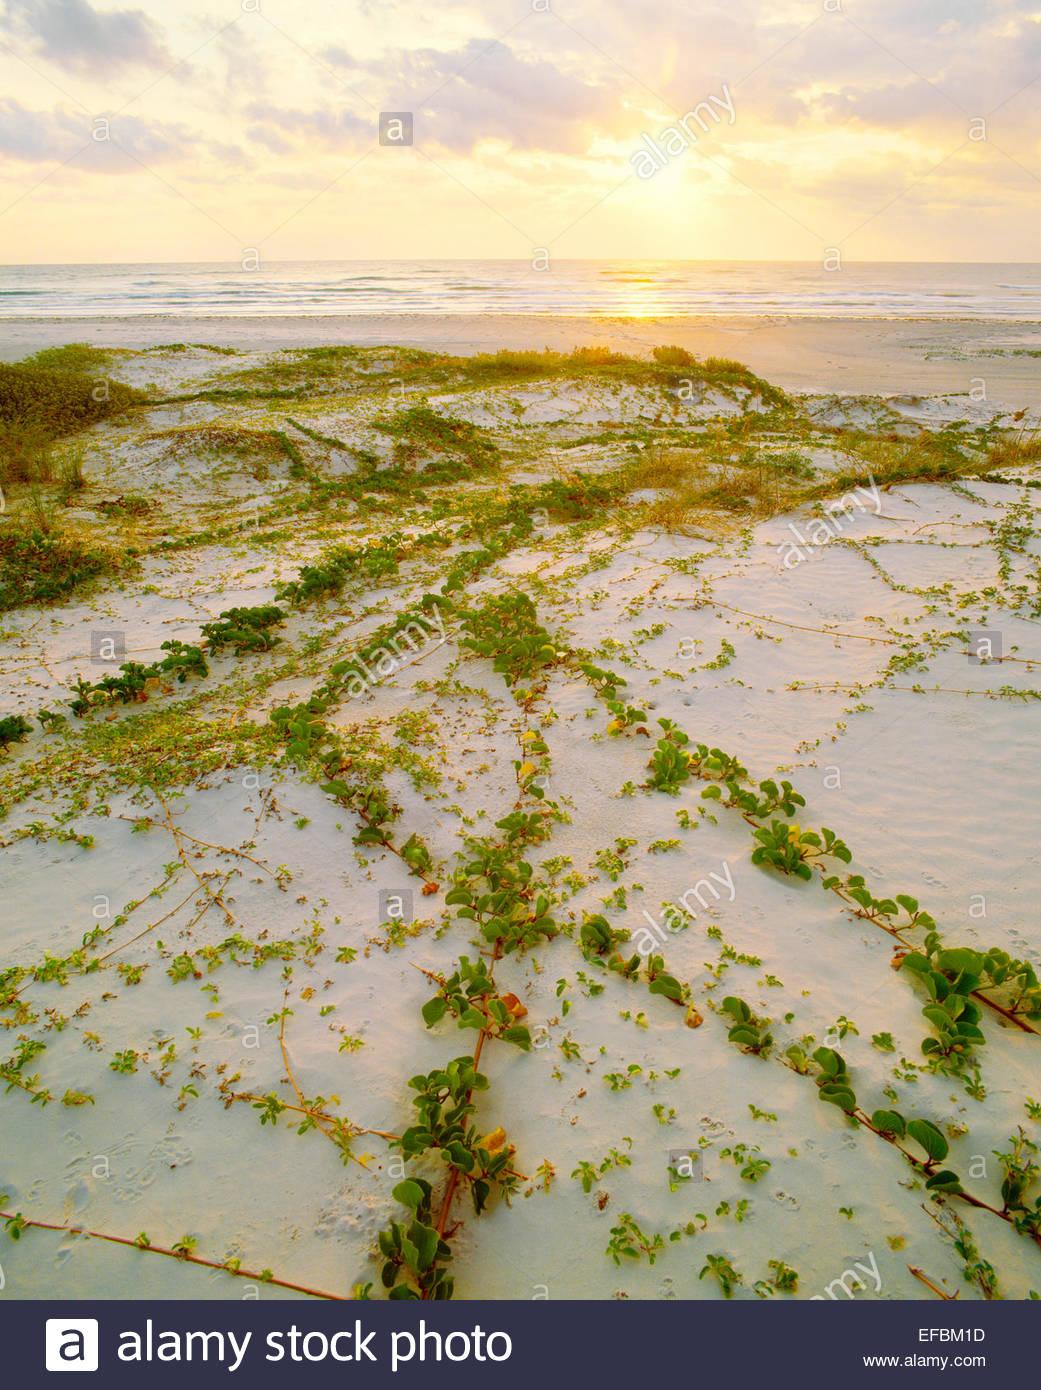 """Ferrocarril [vid lpomoea pes-caprae var. emarginata] y """"Golfo de México playa al amanecer. Padre Island Imagen De Stock"""